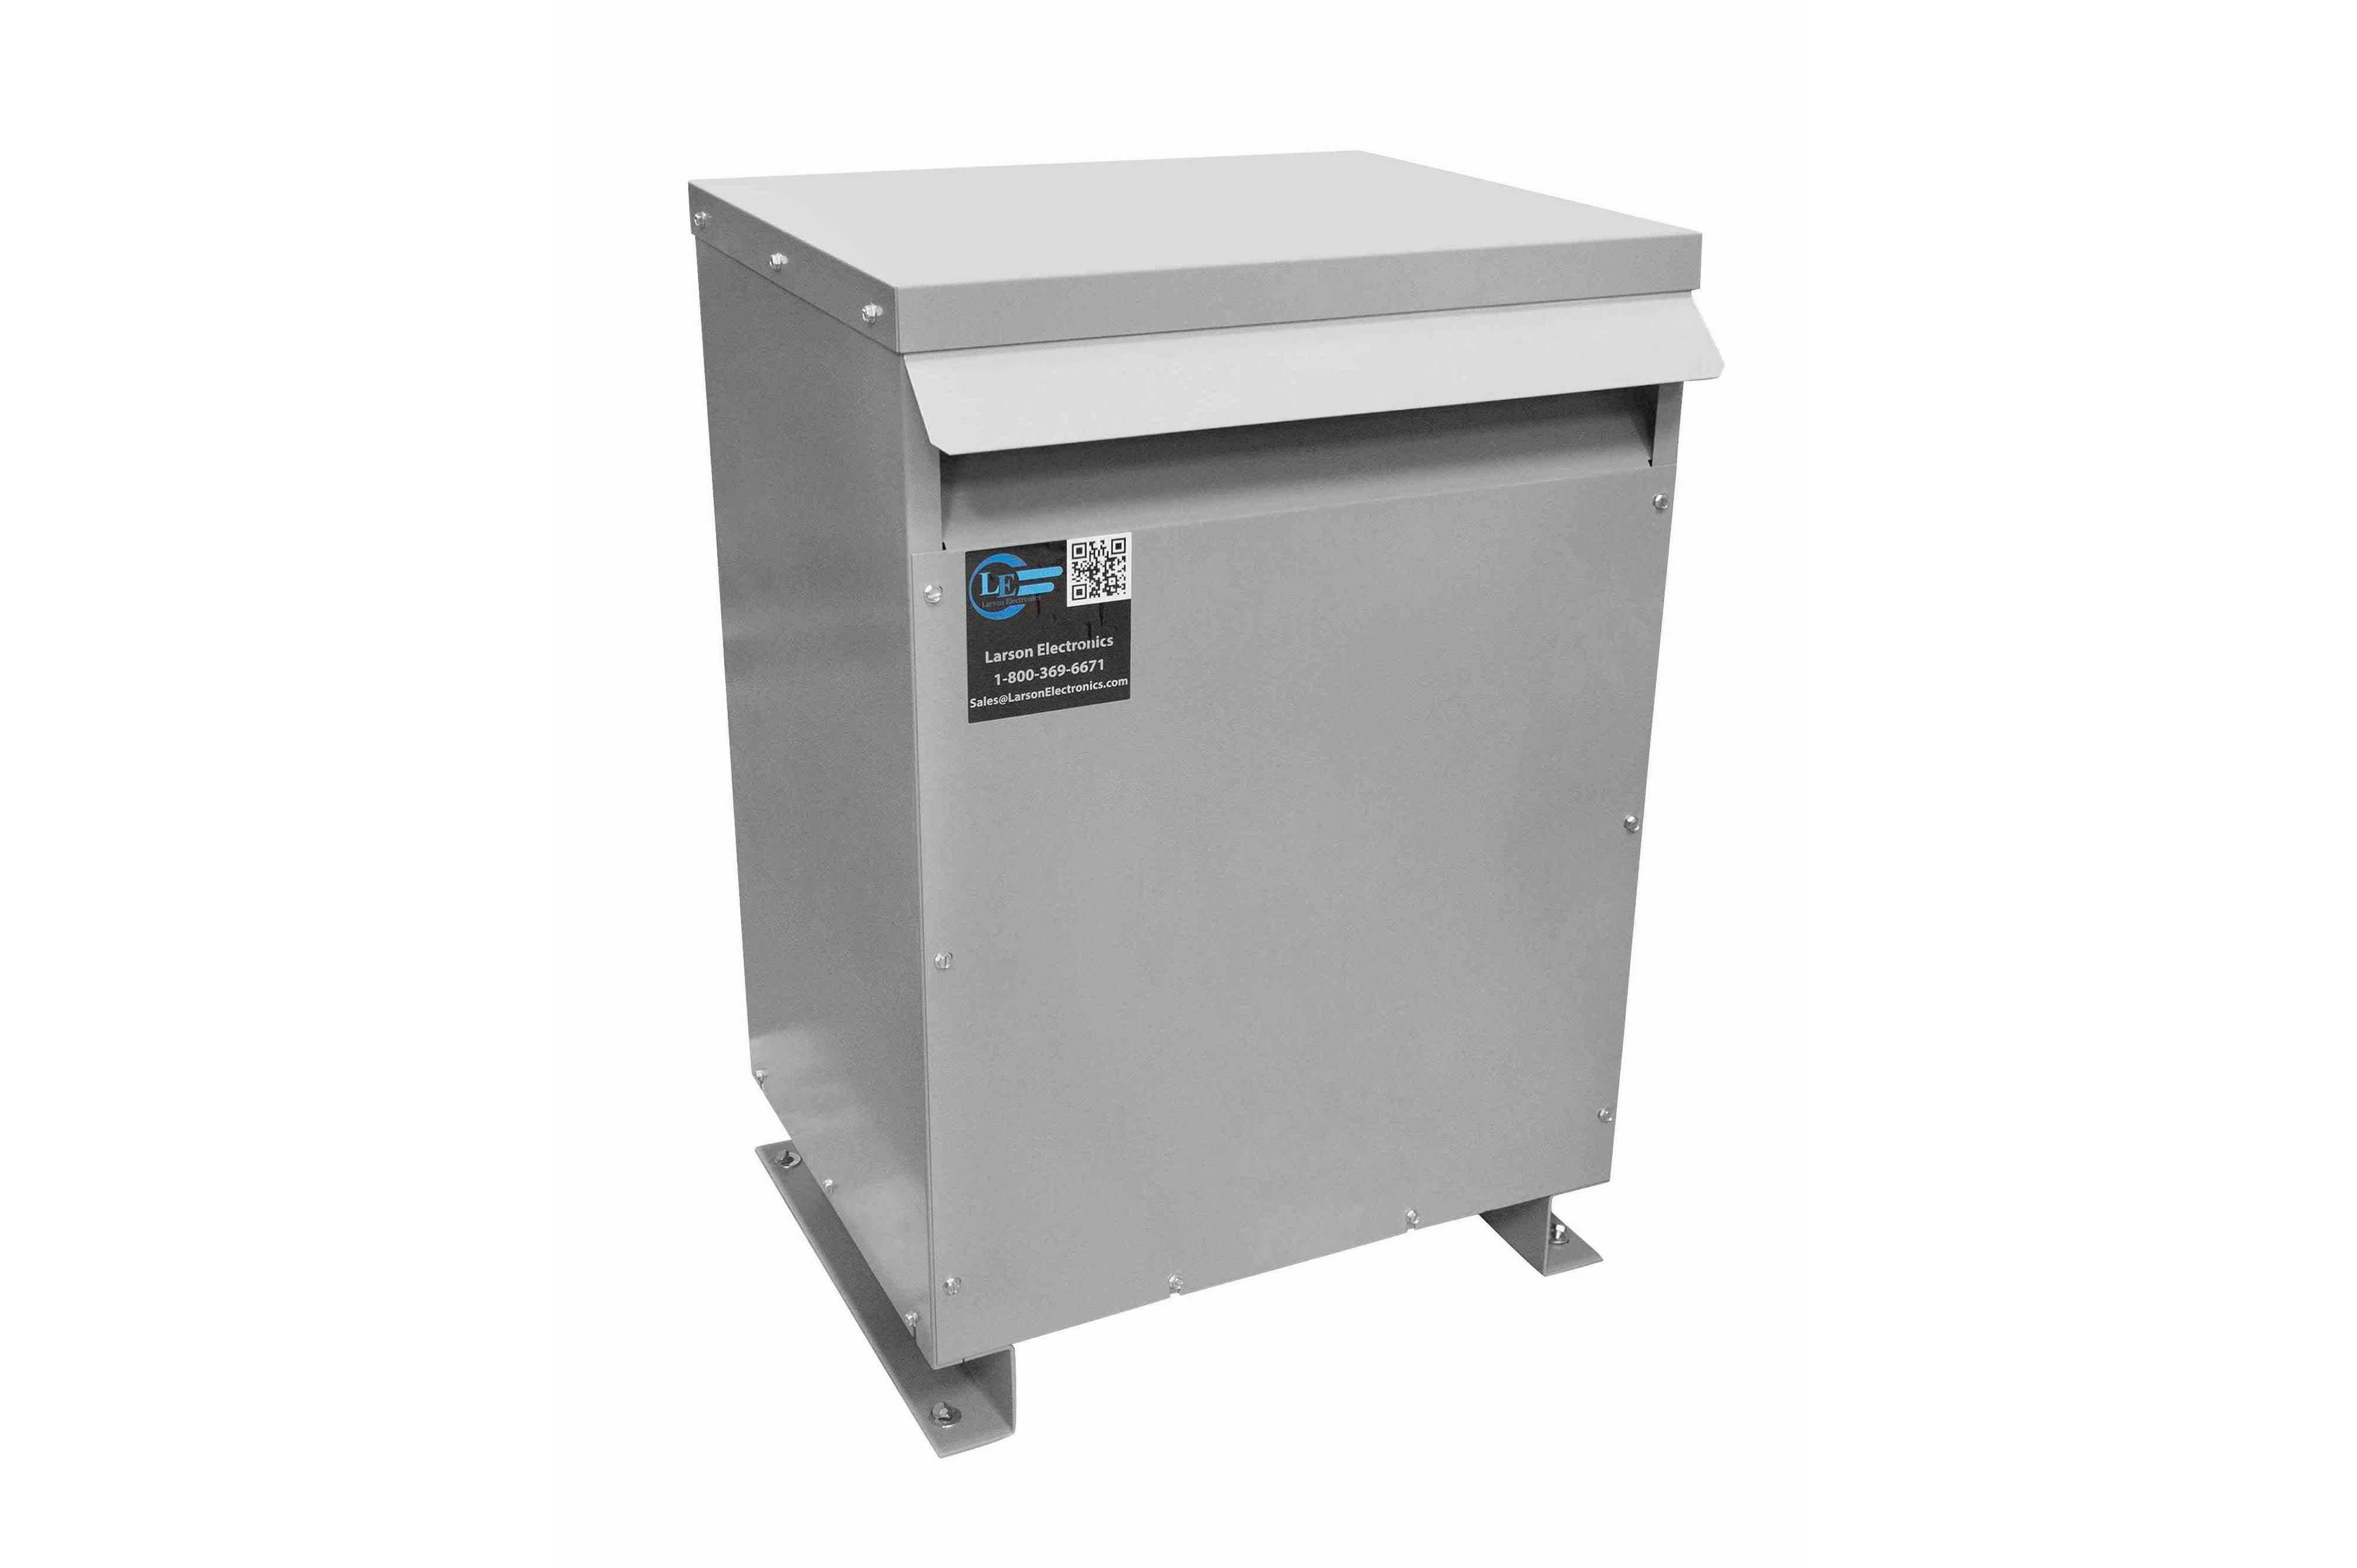 150 kVA 3PH Isolation Transformer, 480V Delta Primary, 400V Delta Secondary, N3R, Ventilated, 60 Hz